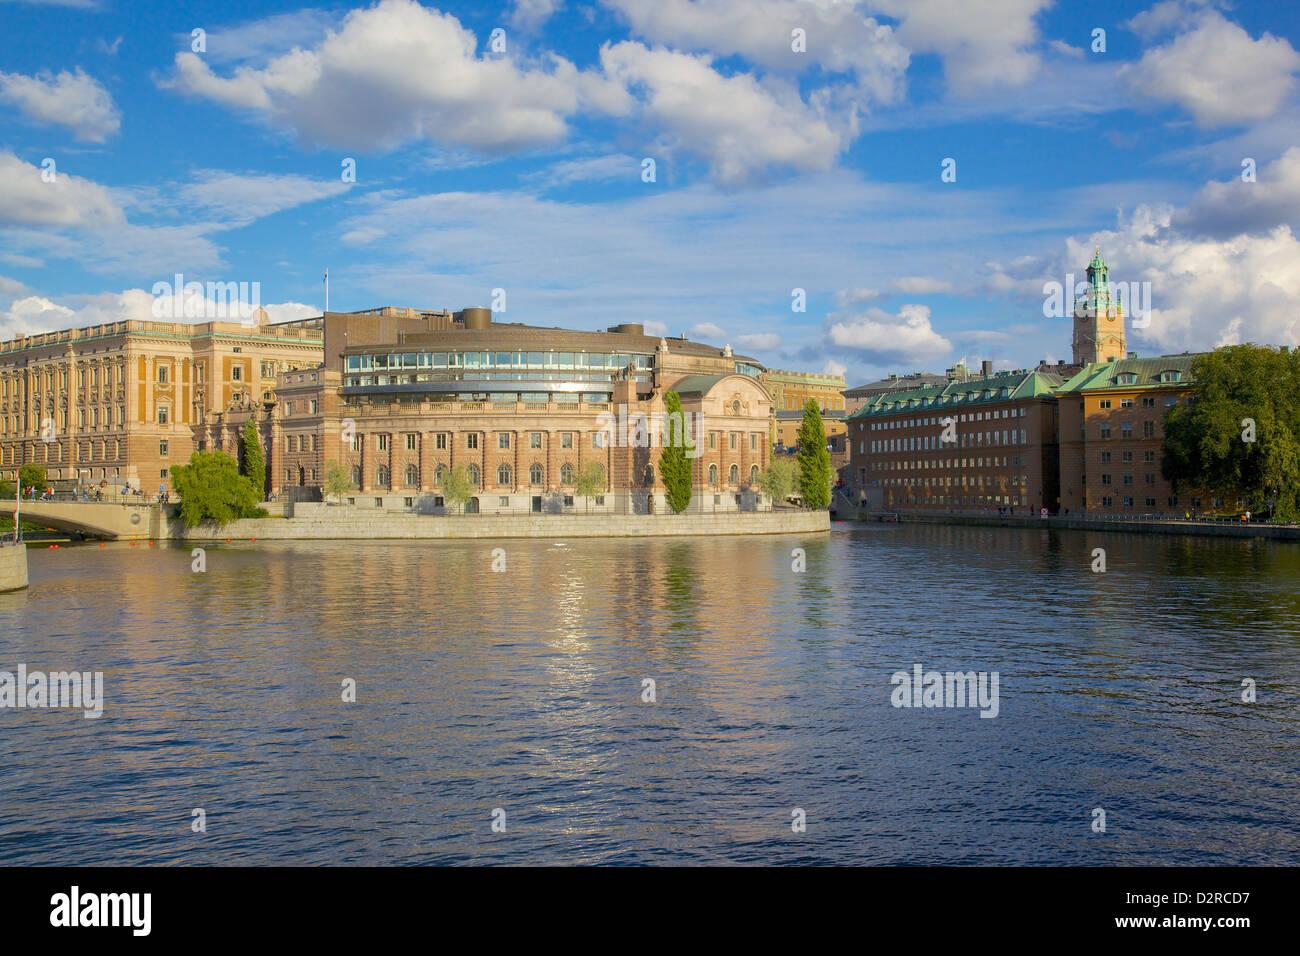 Le Parlement suédois, Gamla Stan, Stockholm, Suède, Europe Photo Stock